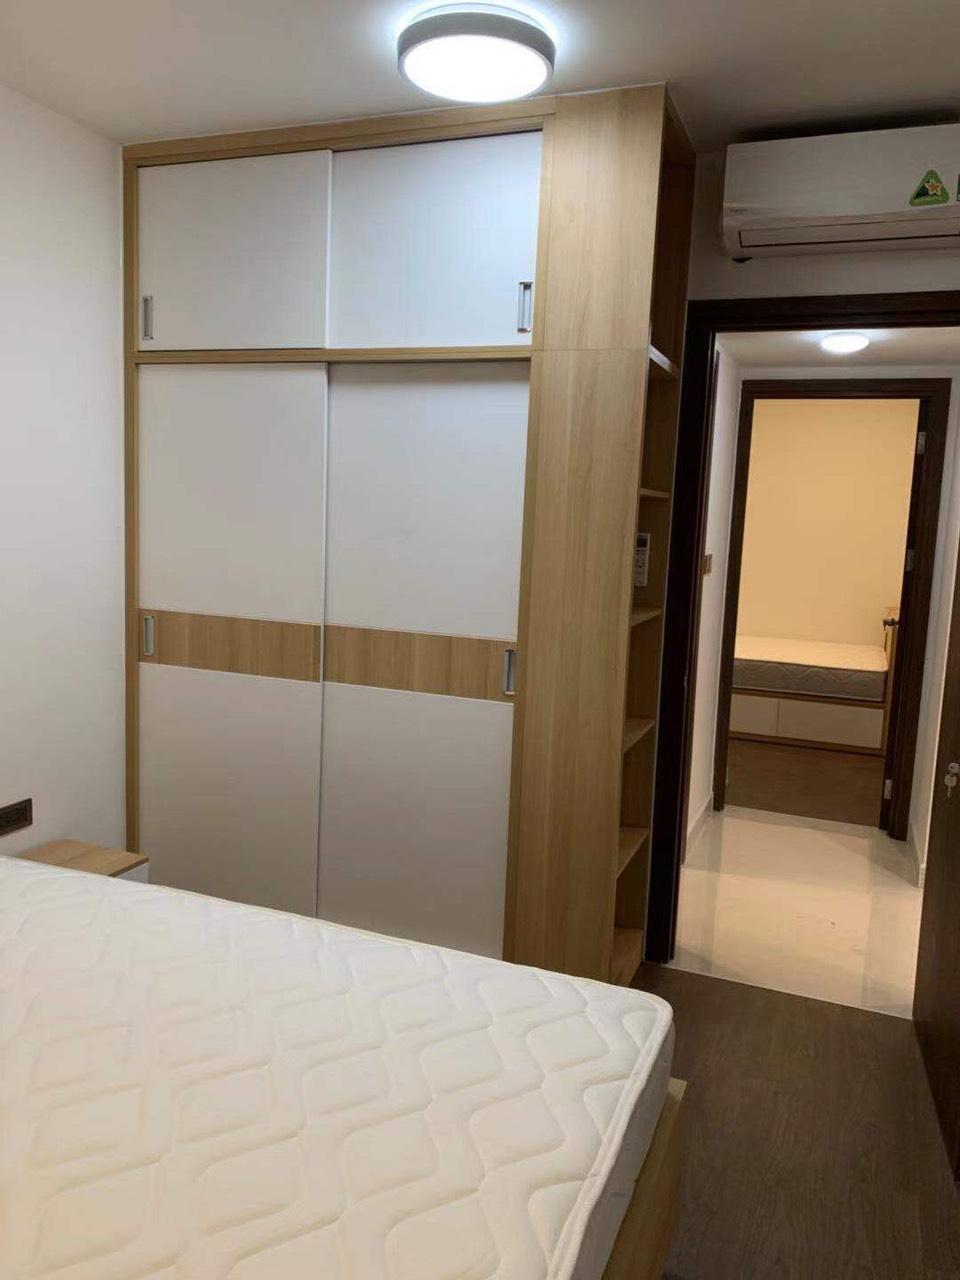 Saigon Royal Residence - 2pn - 1 wc